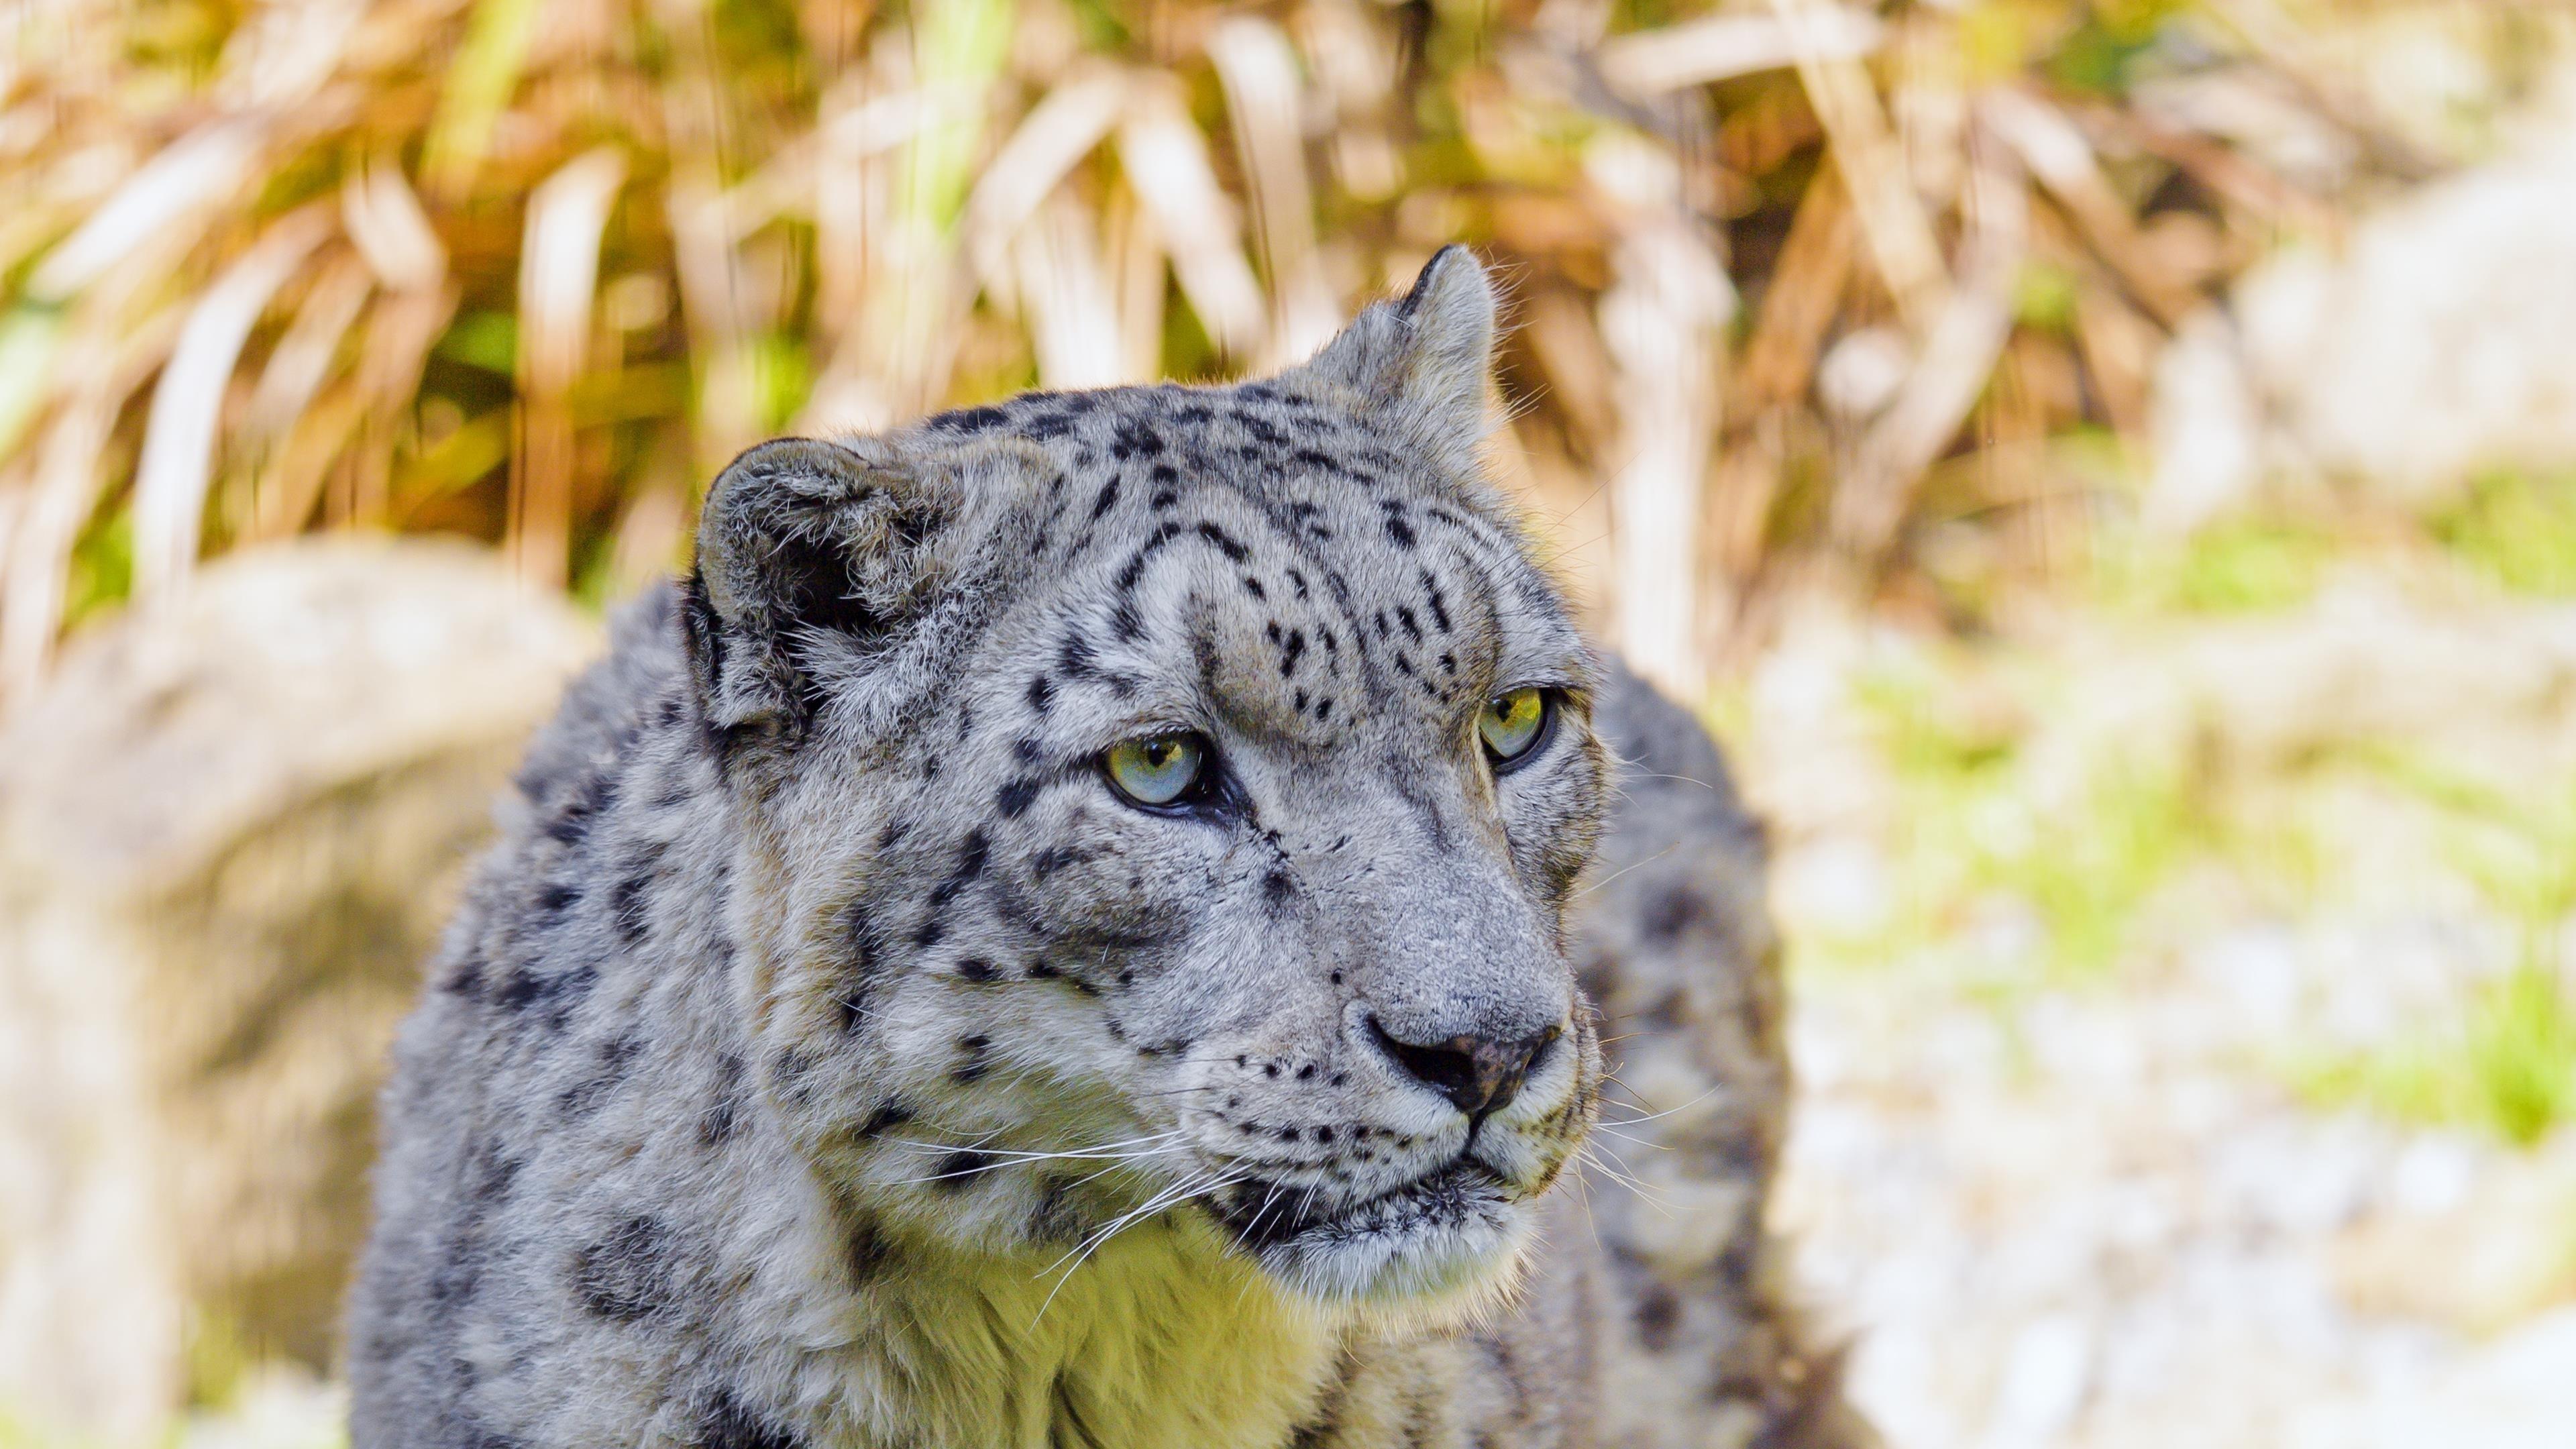 Снежный барс большая кошка хищник крупным планом фото в размытом фоне животные обои скачать